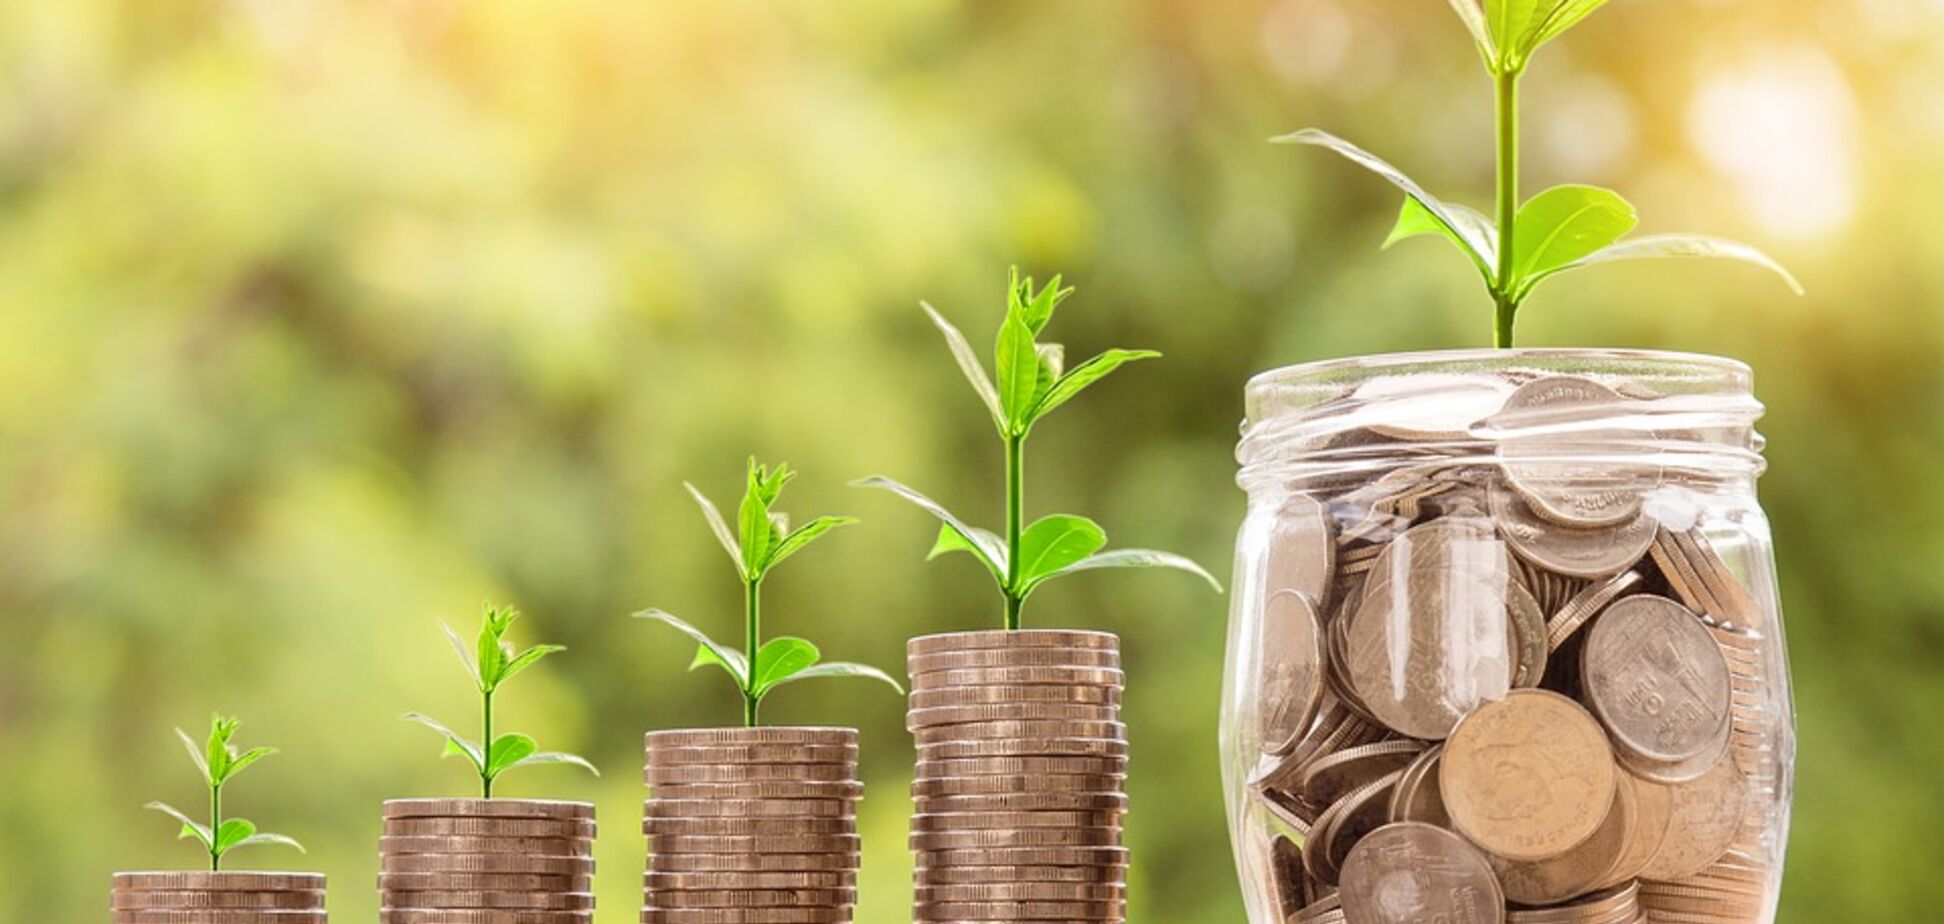 Как улучшить кредитный рейтинг . Источник: pixabay